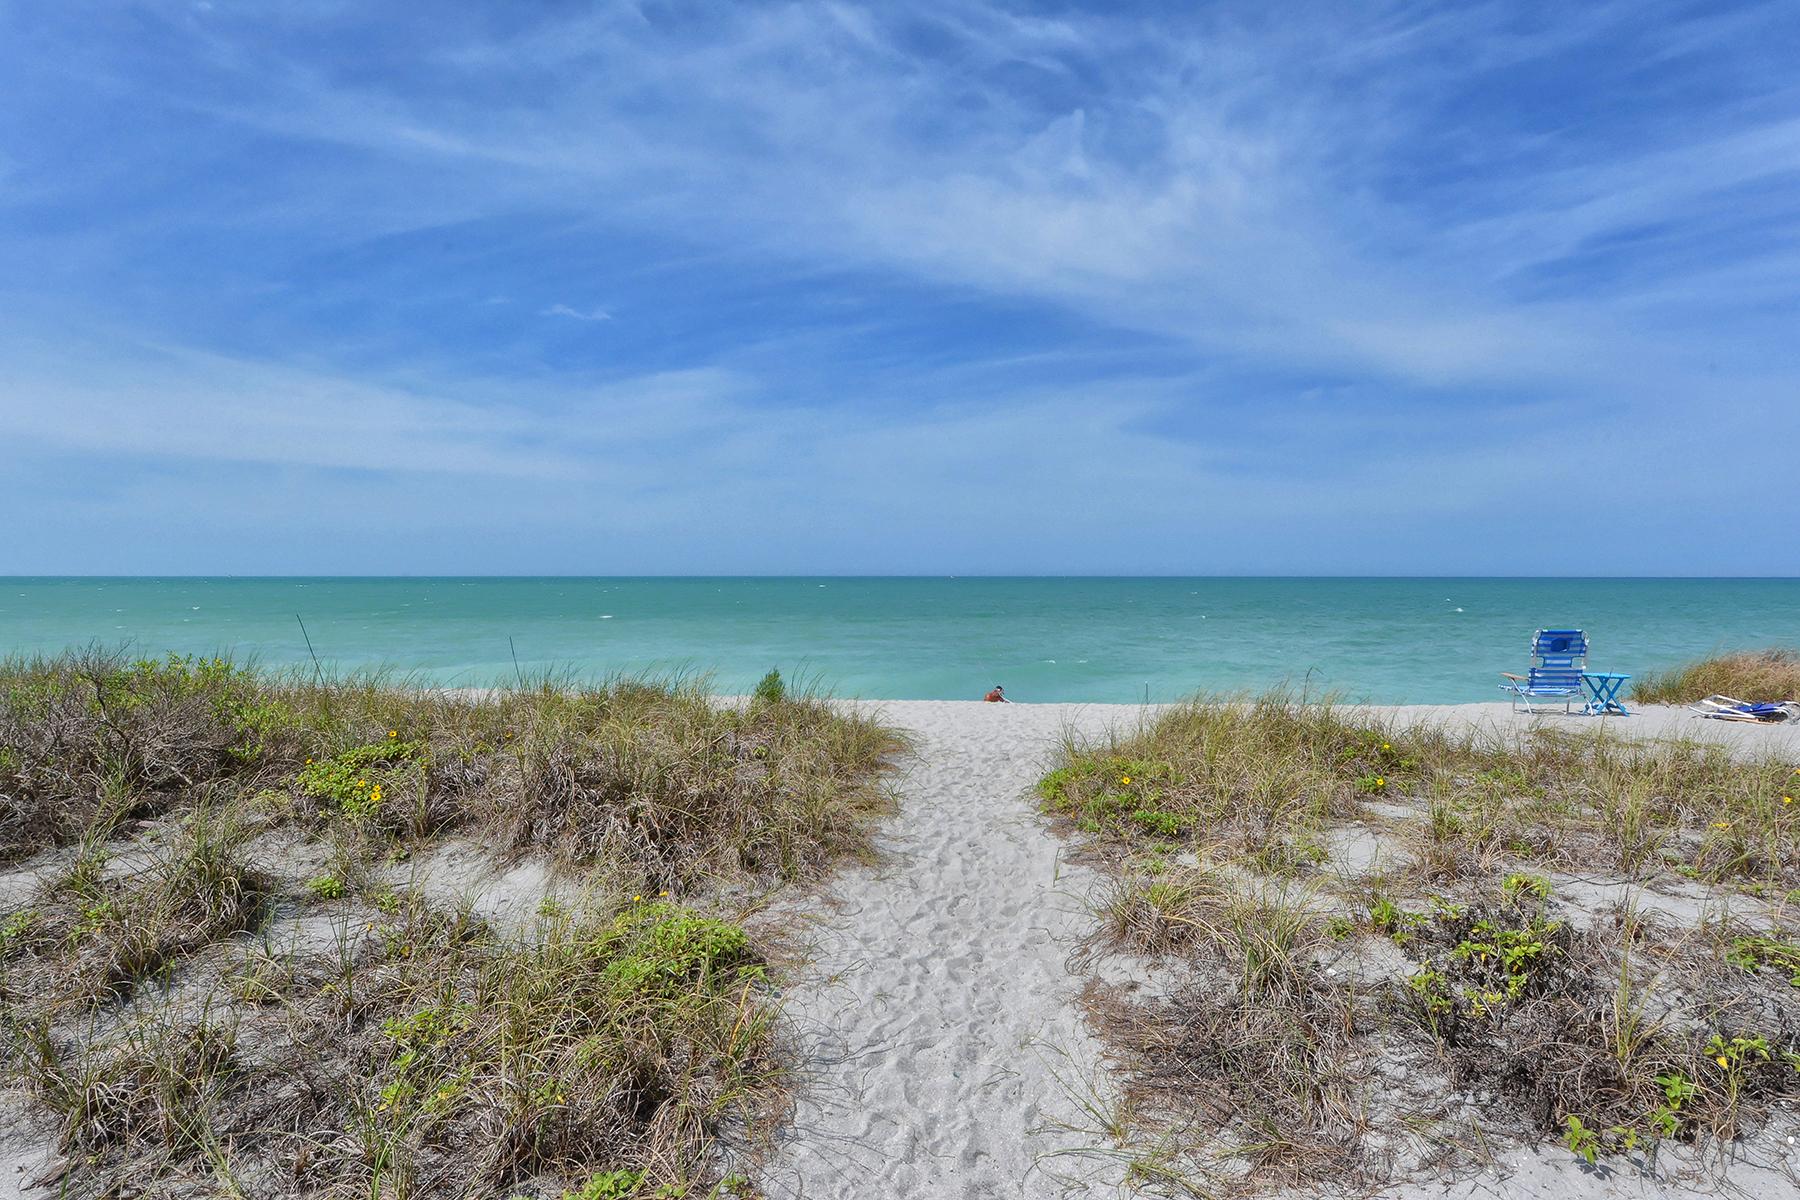 Condominium for Sale at ALOHA CONDOMINIUMS 1329 Tarpon Center Dr 1 Venice, Florida 34285 United States